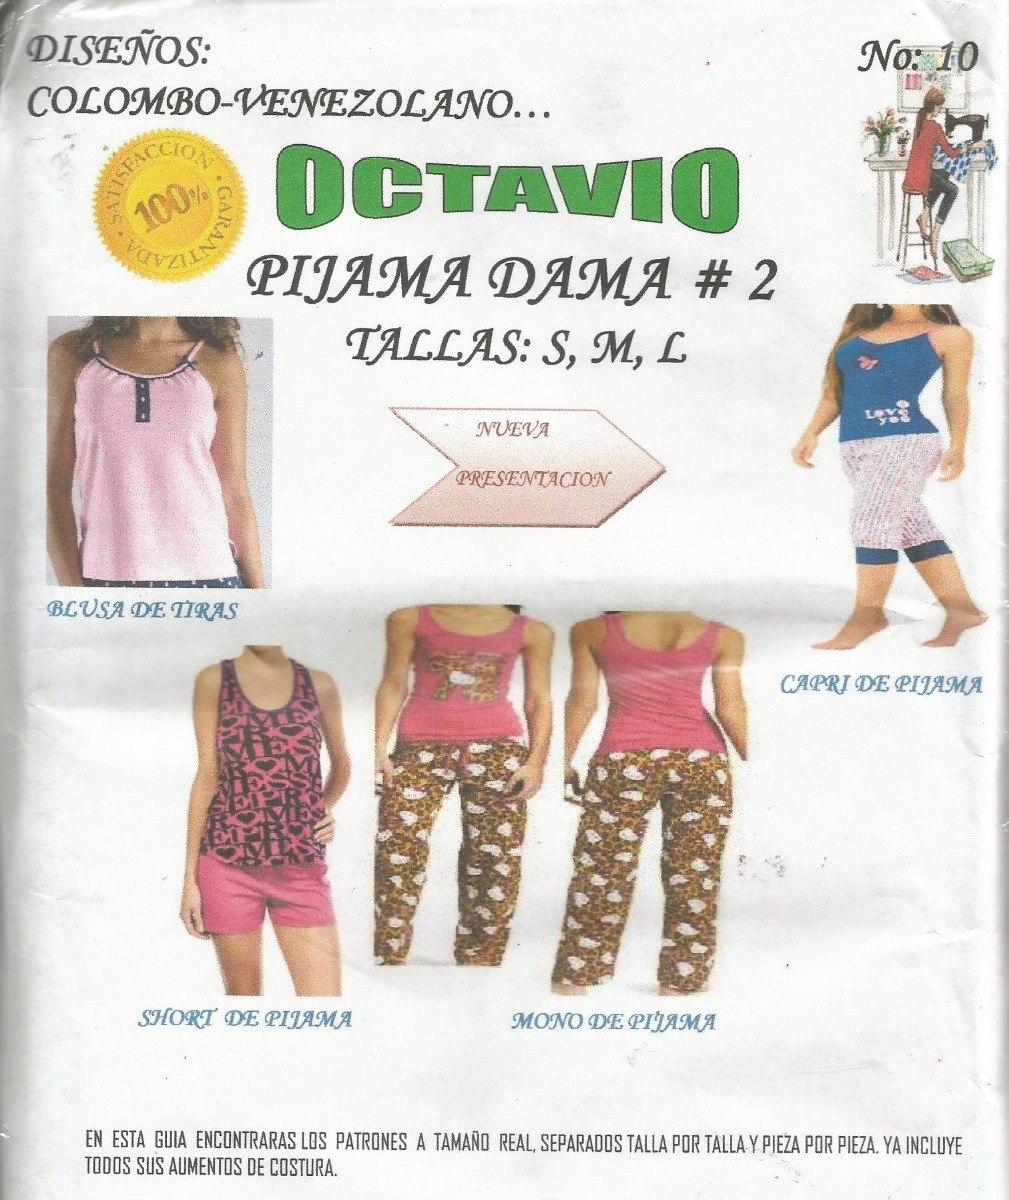 Patrones Octavio Pijamas #10 - Bs. 350,05 en Mercado Libre